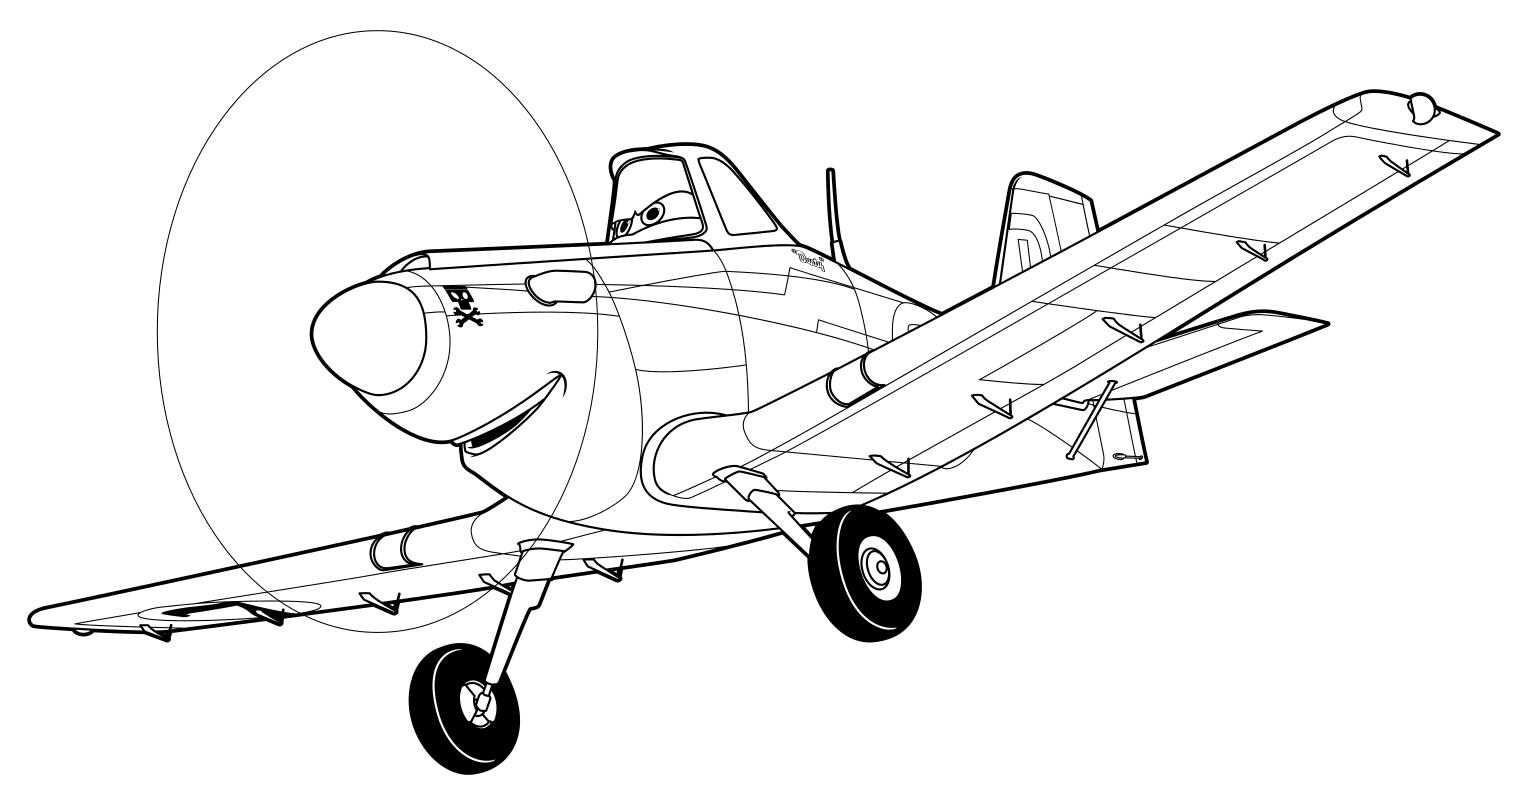 Самолеты дасти раскраска